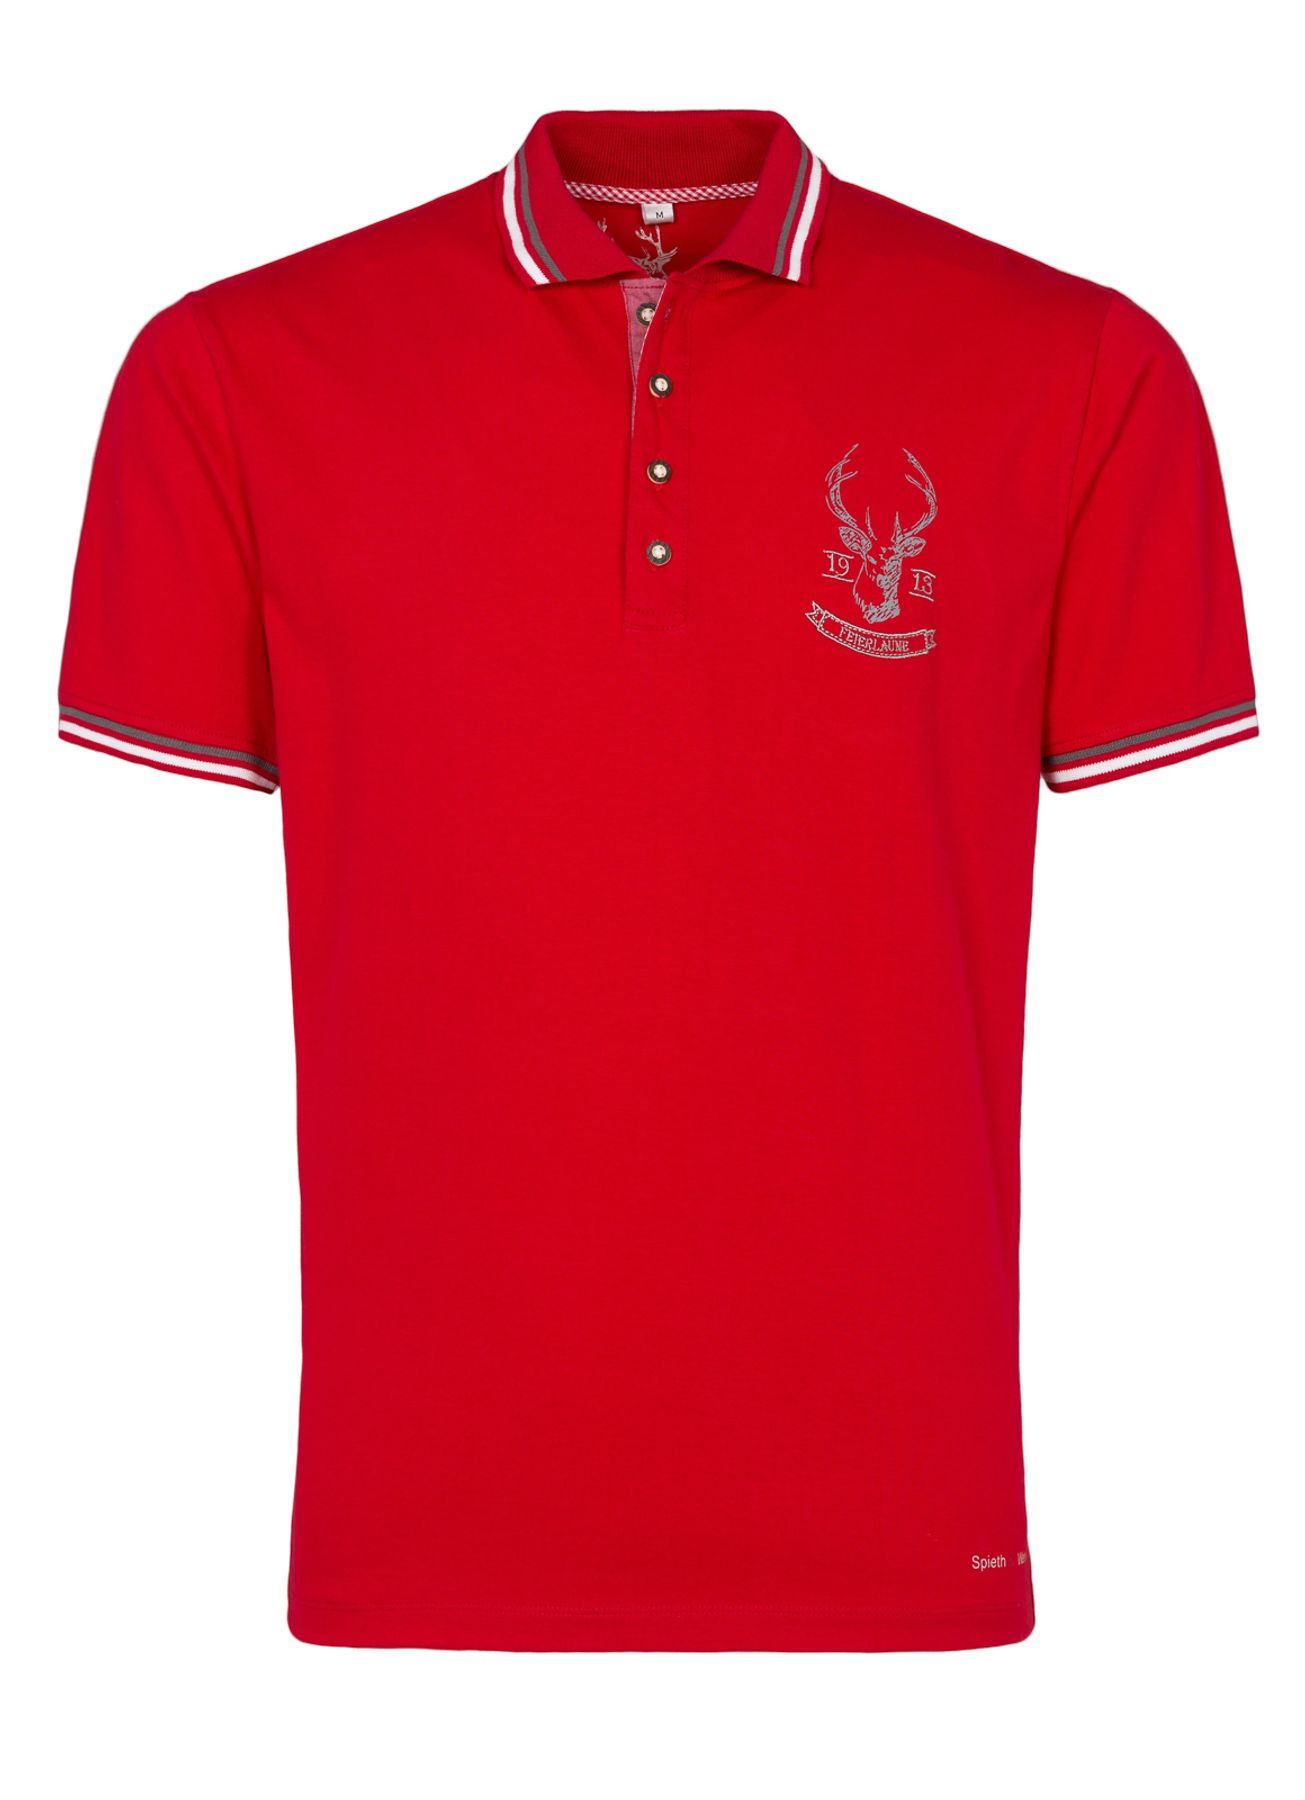 Spieth & Wensky - Herren Trachten T-Shirt Flo in drei Farben (291630-0021) – Bild 1